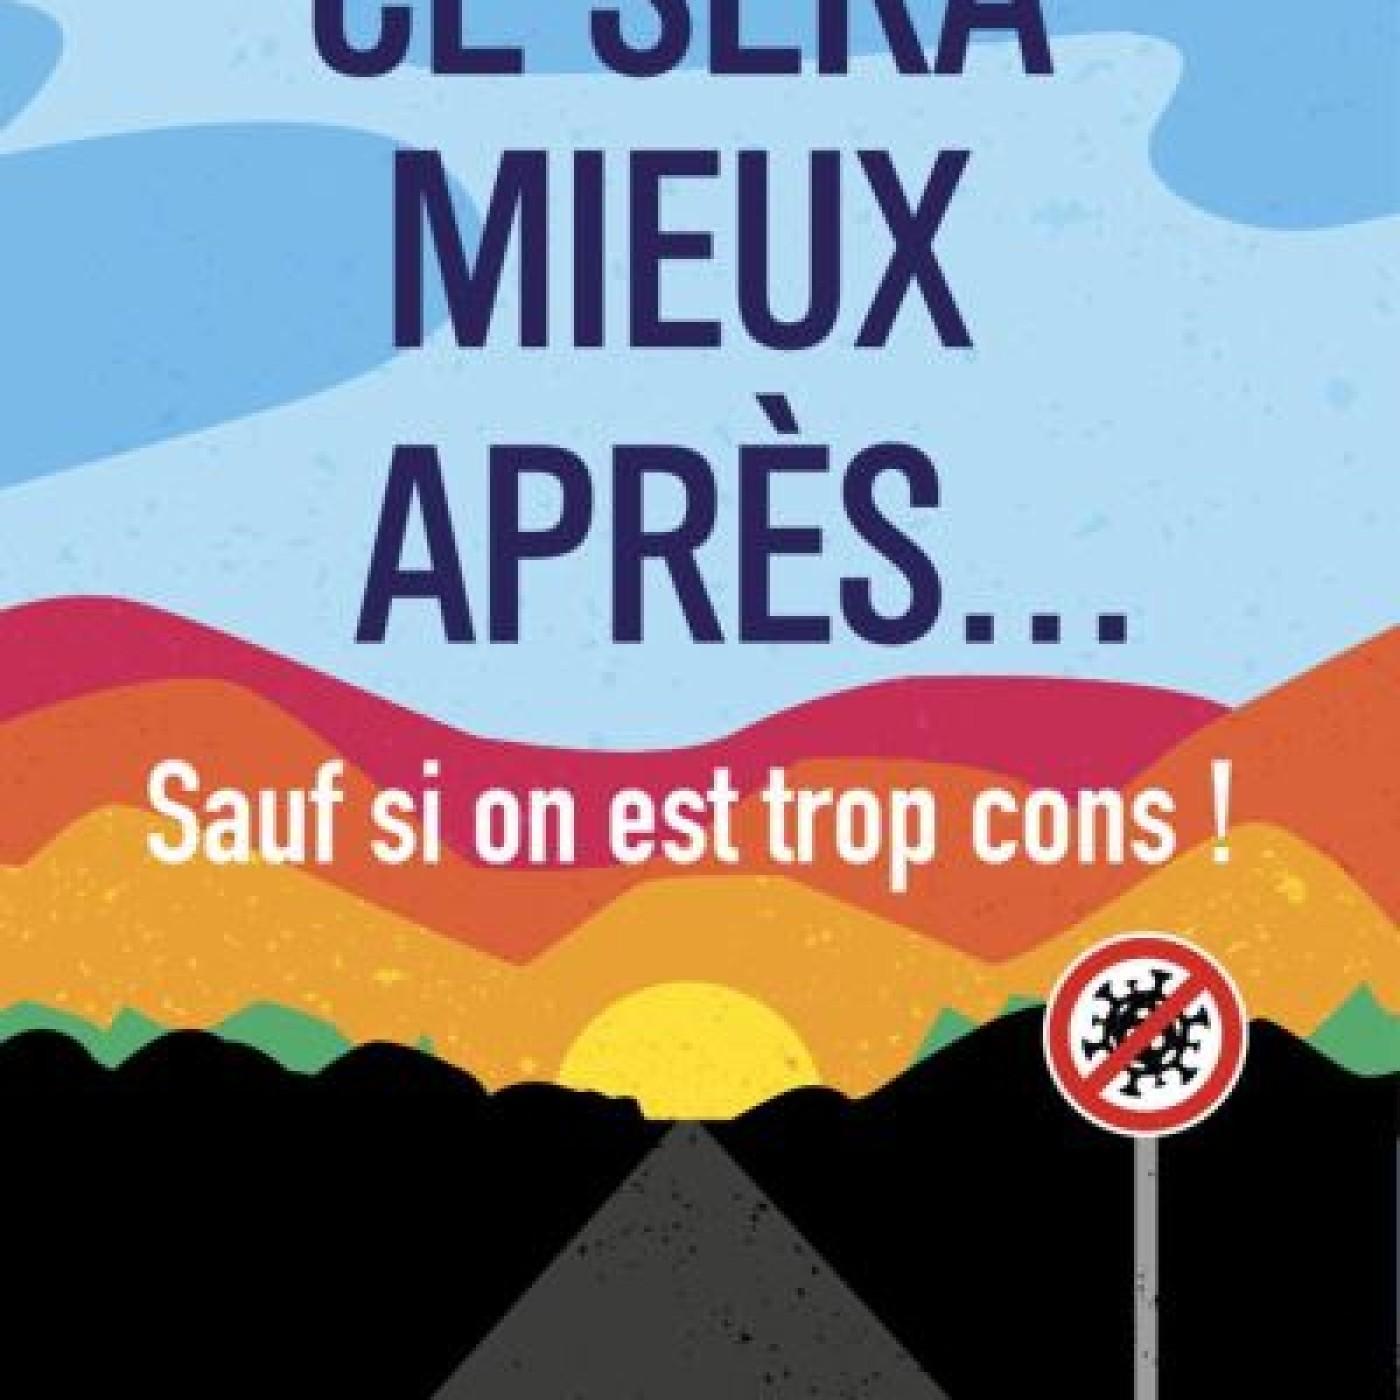 """Les Dossiers : Philippe Bloch """"ce sera mieux après, sauf si on est trop cons!"""""""